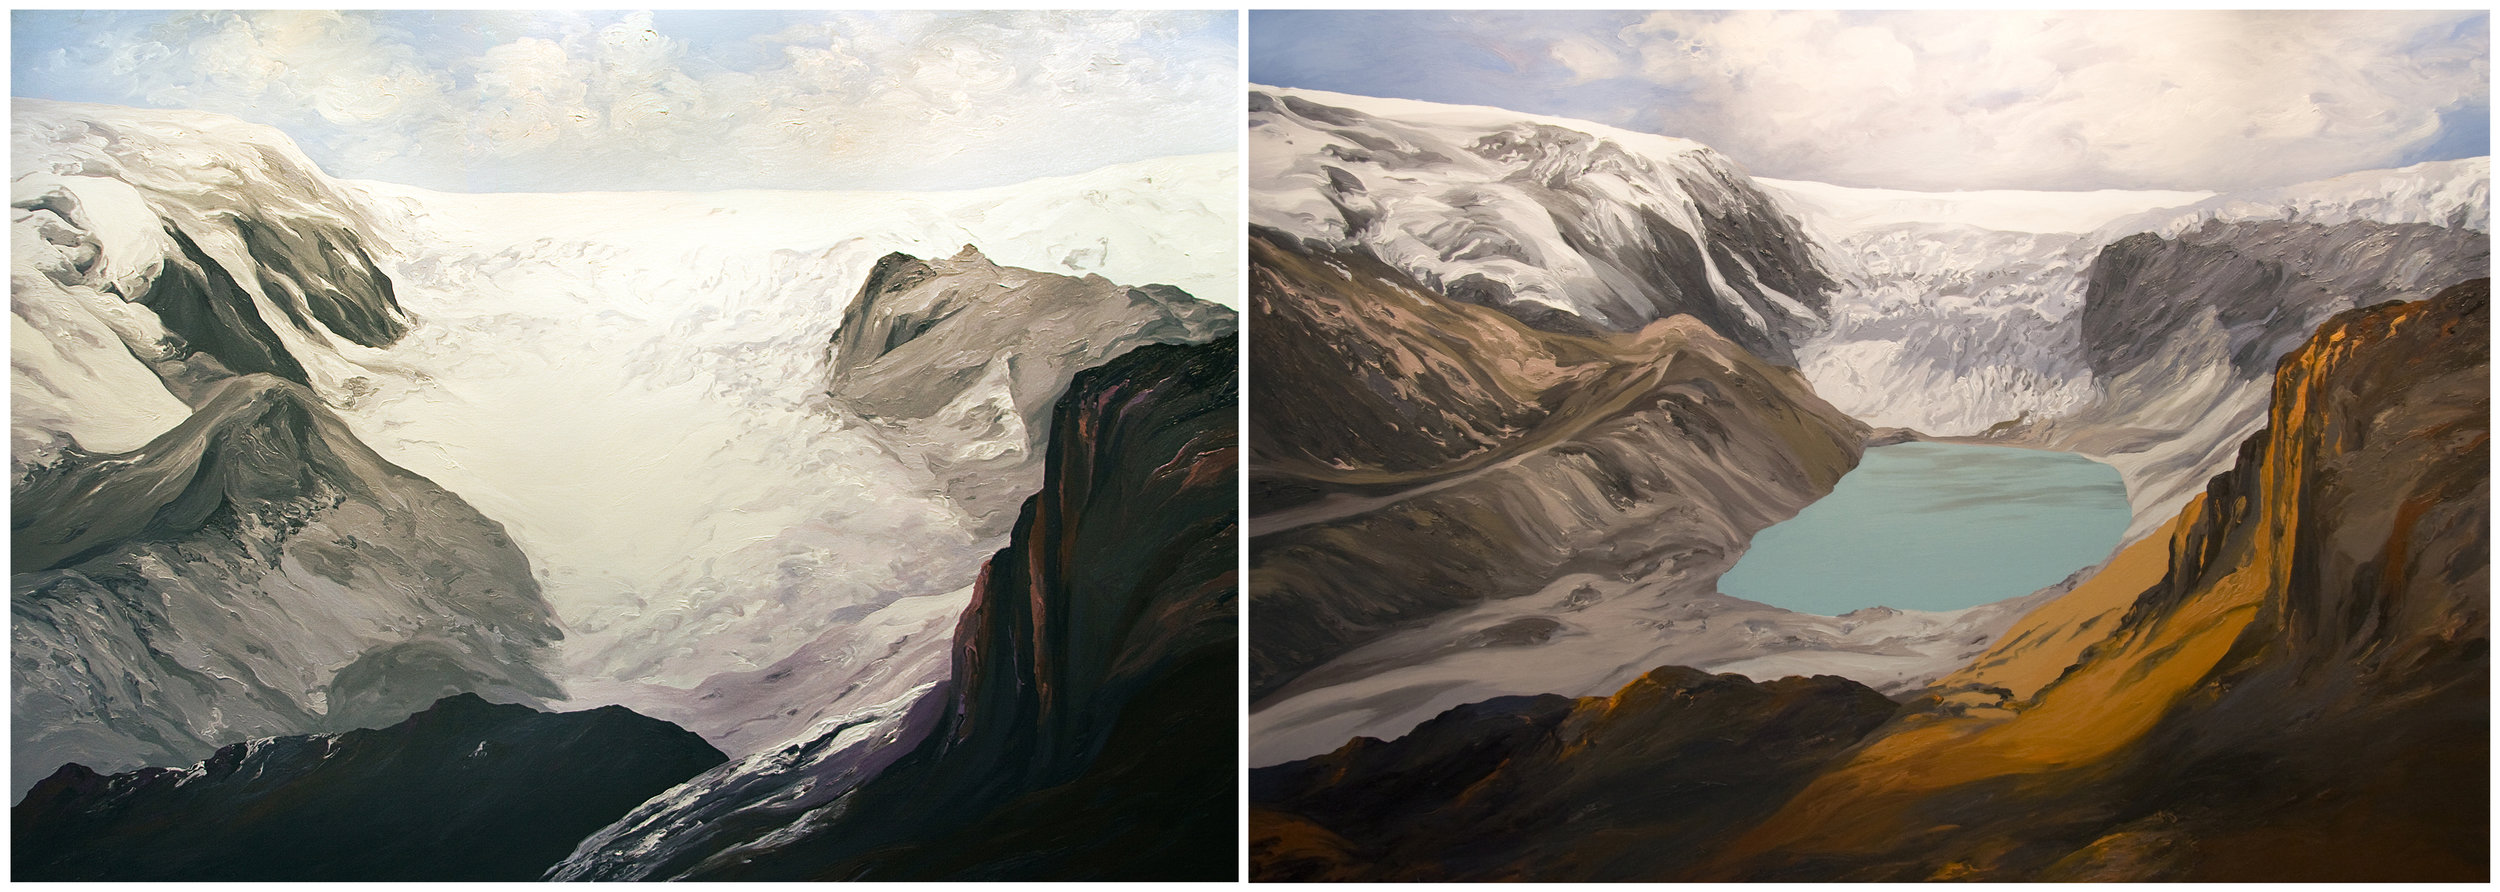 Qori Kalis Glacier 3, 4